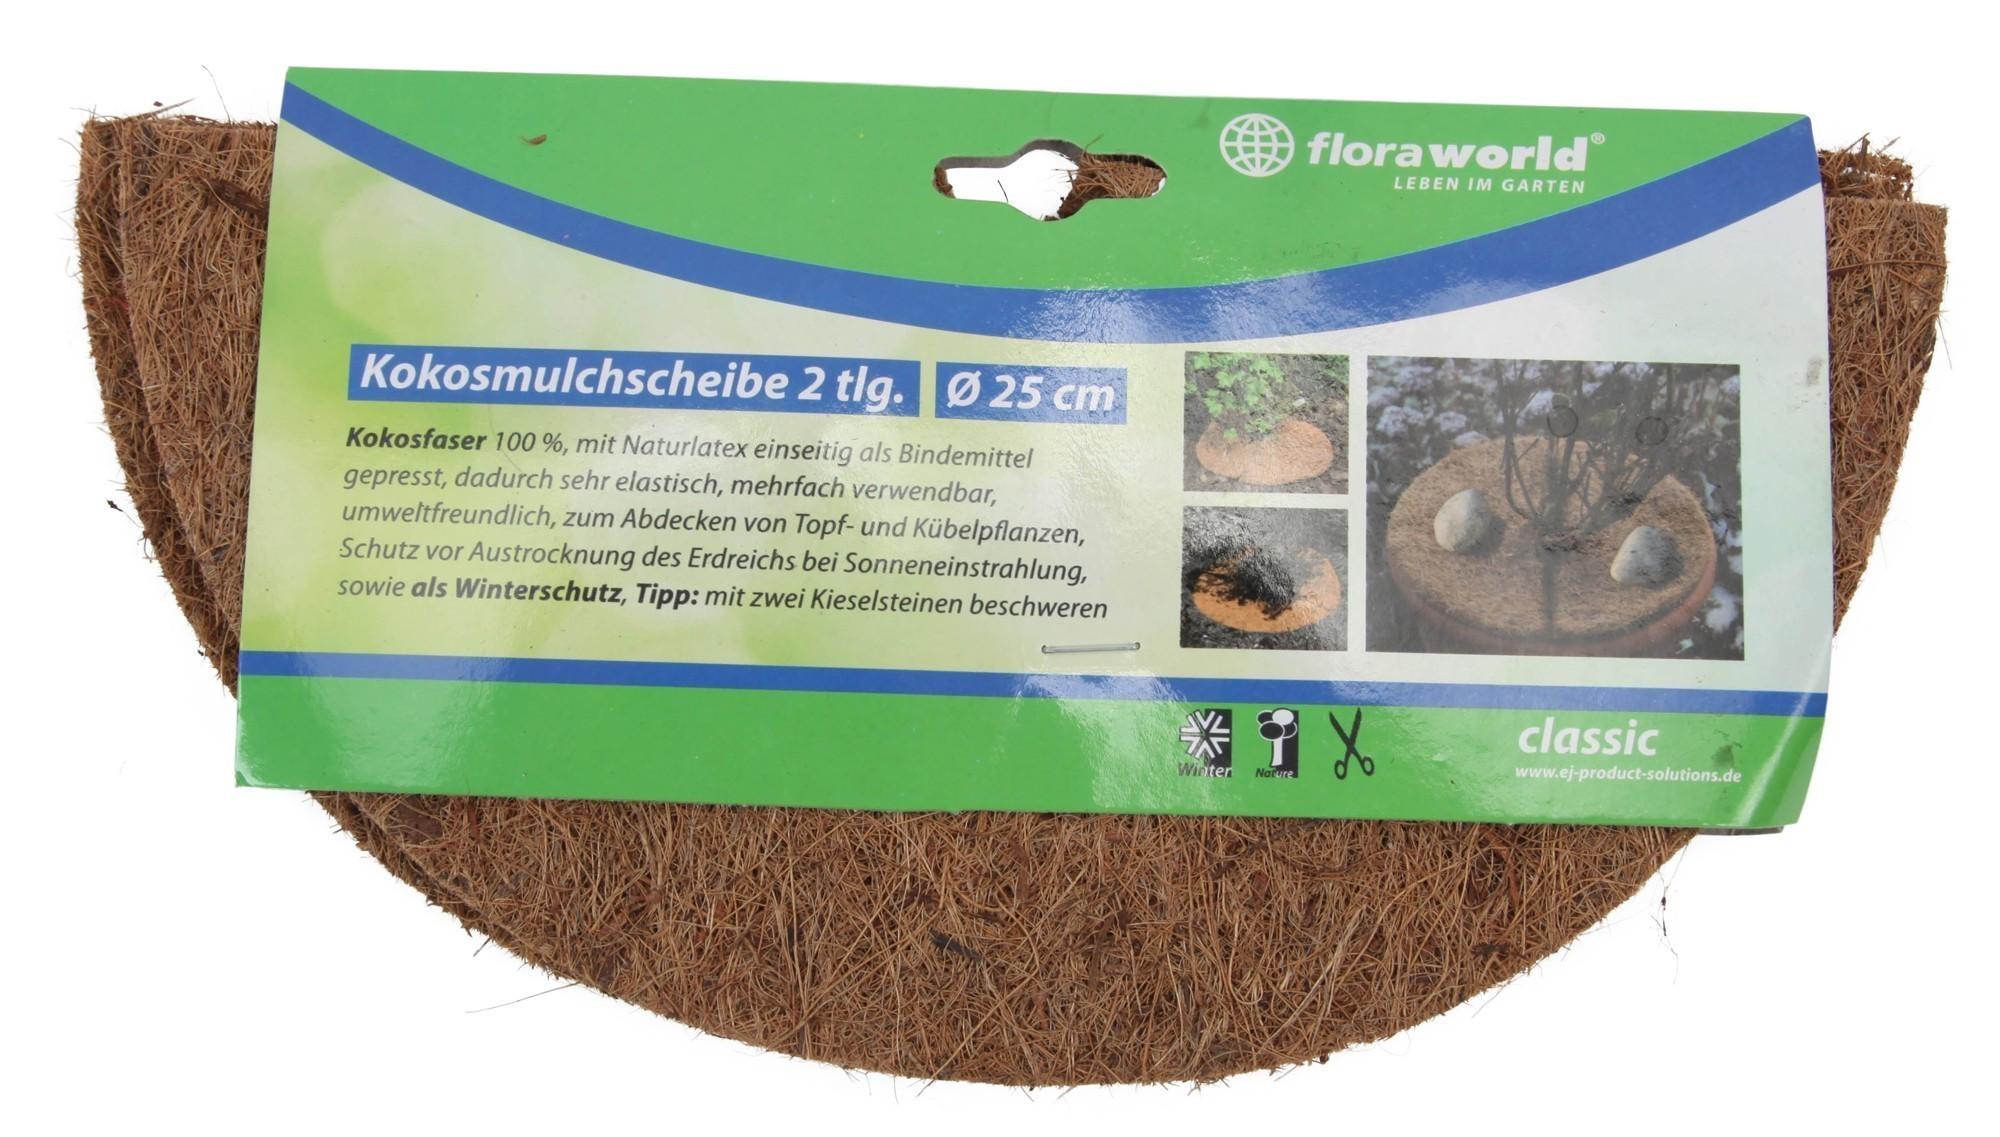 Kokosmulchscheibe classic floraworld 2-teilig Ø25cm braun Bild 1